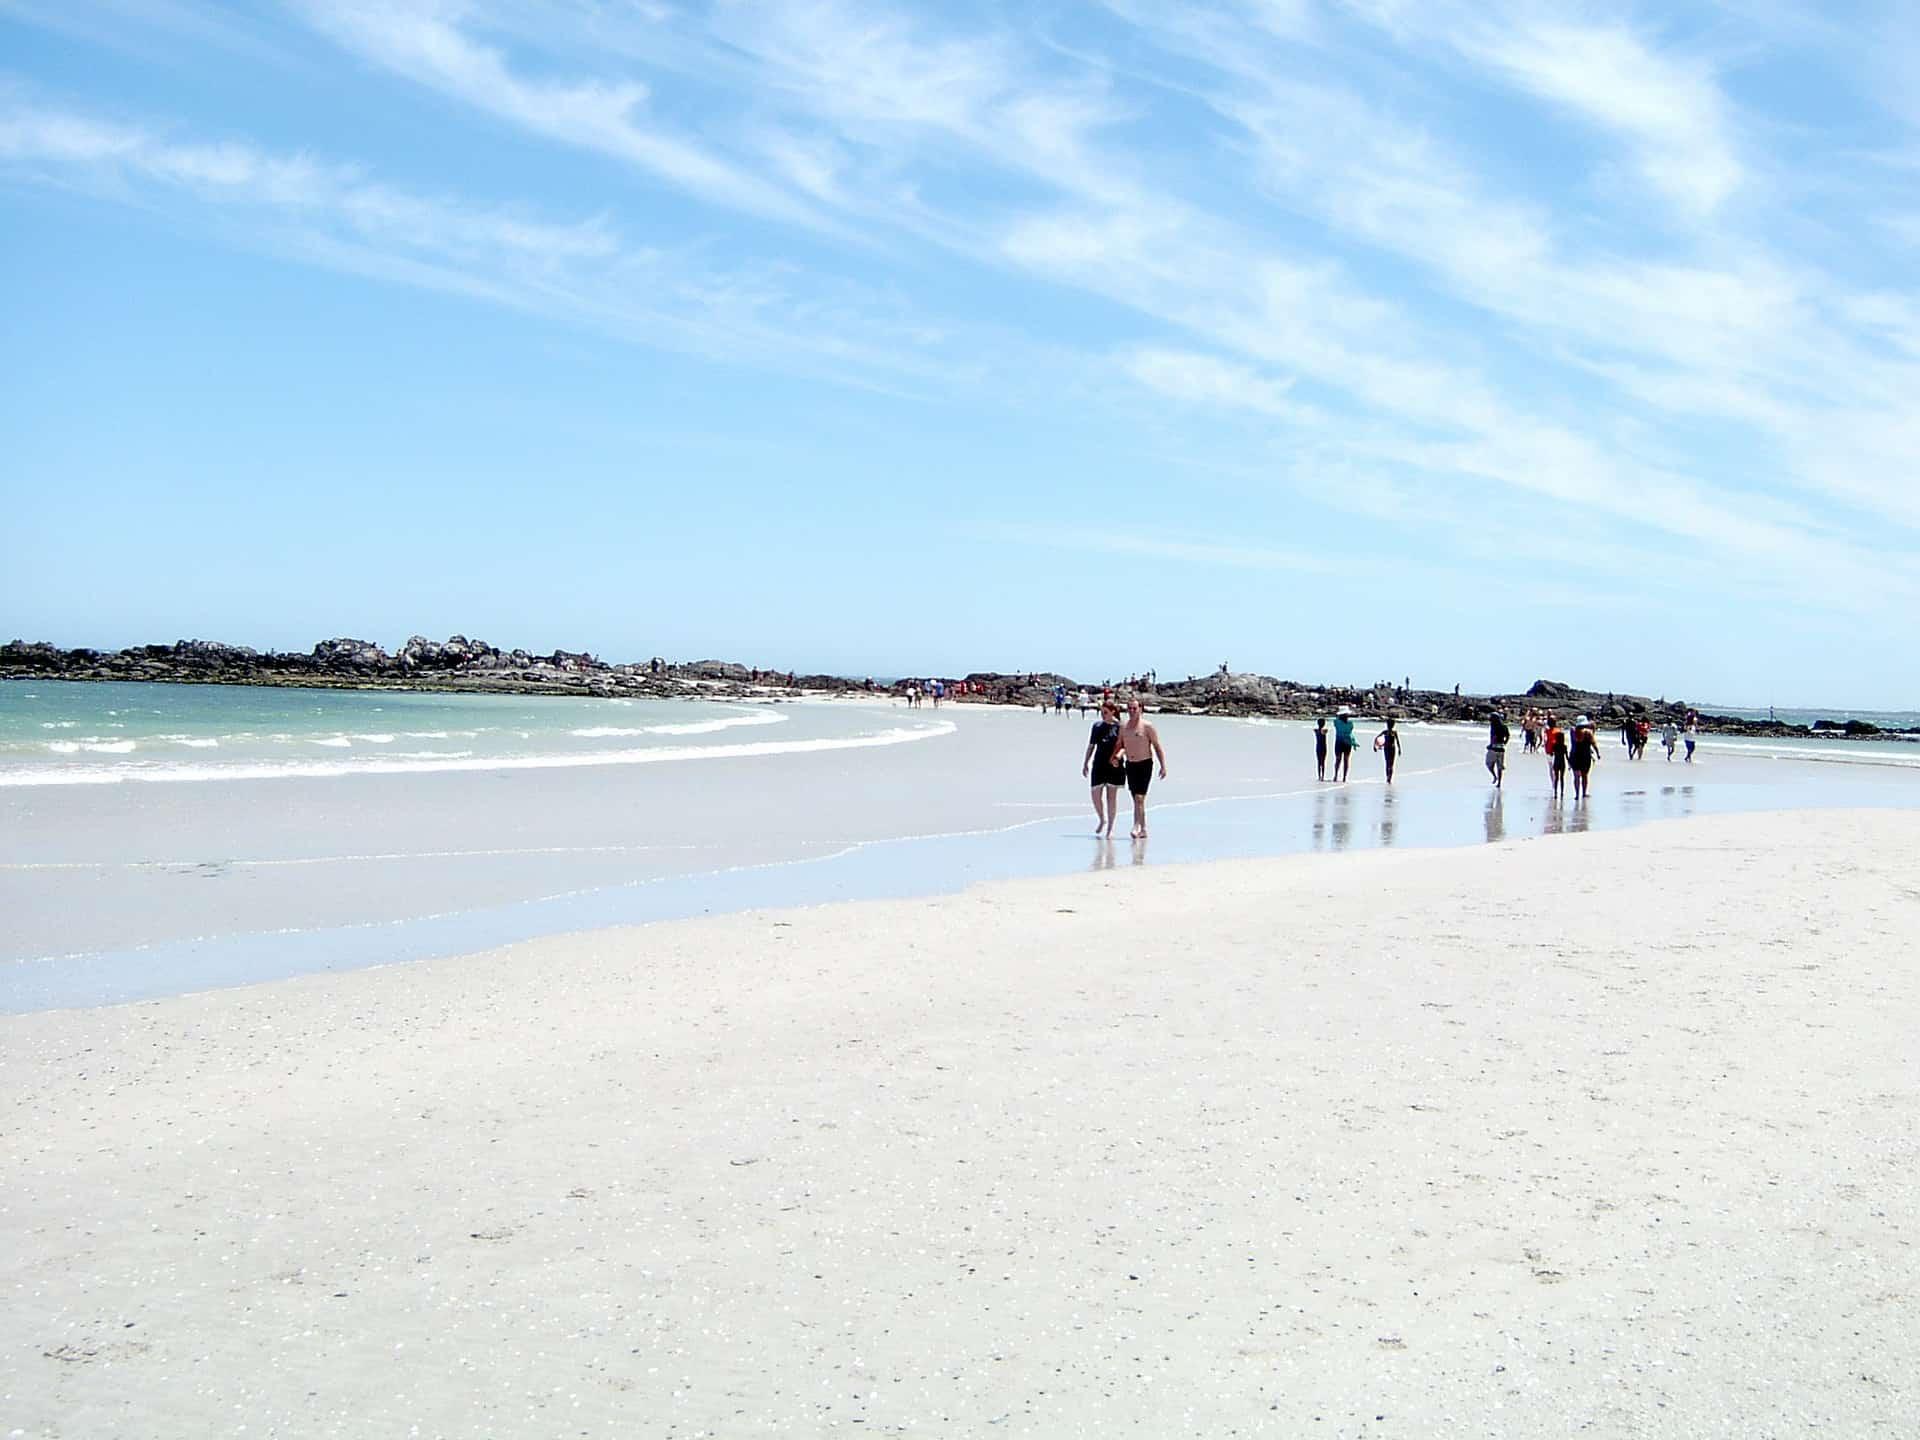 Strandurlaub während der Städtereise in Kapstadt